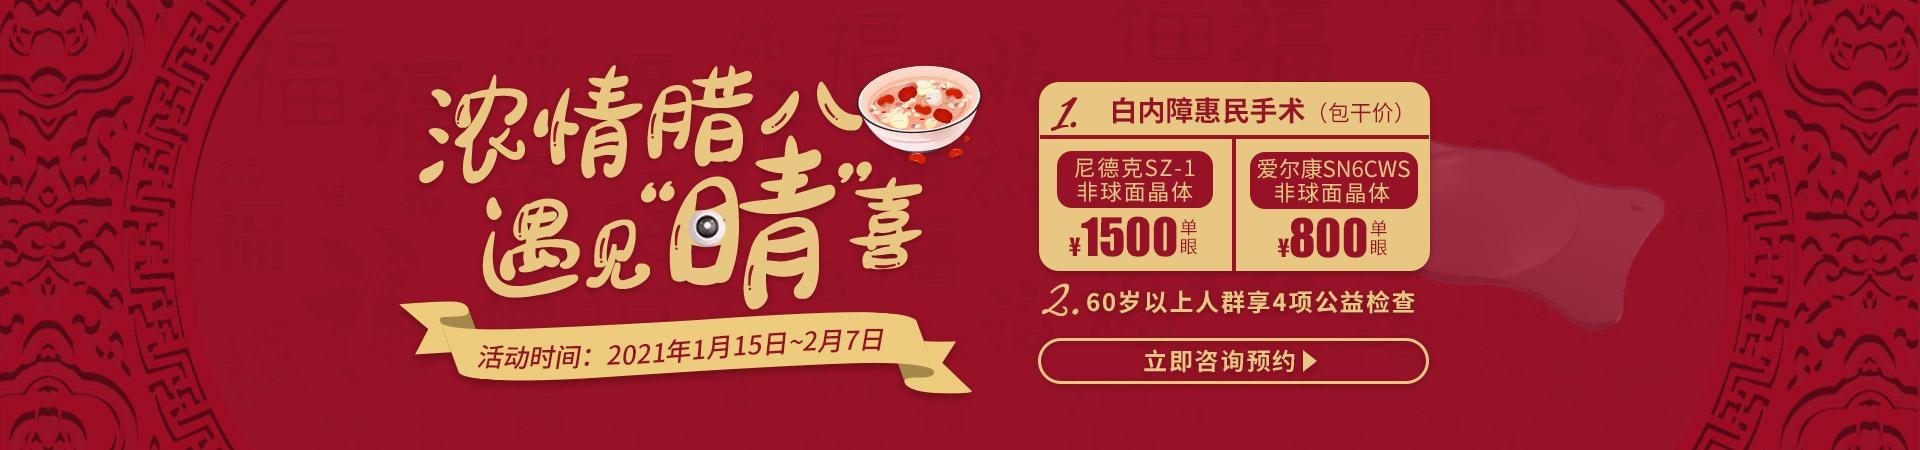 漳州白内障活动banner